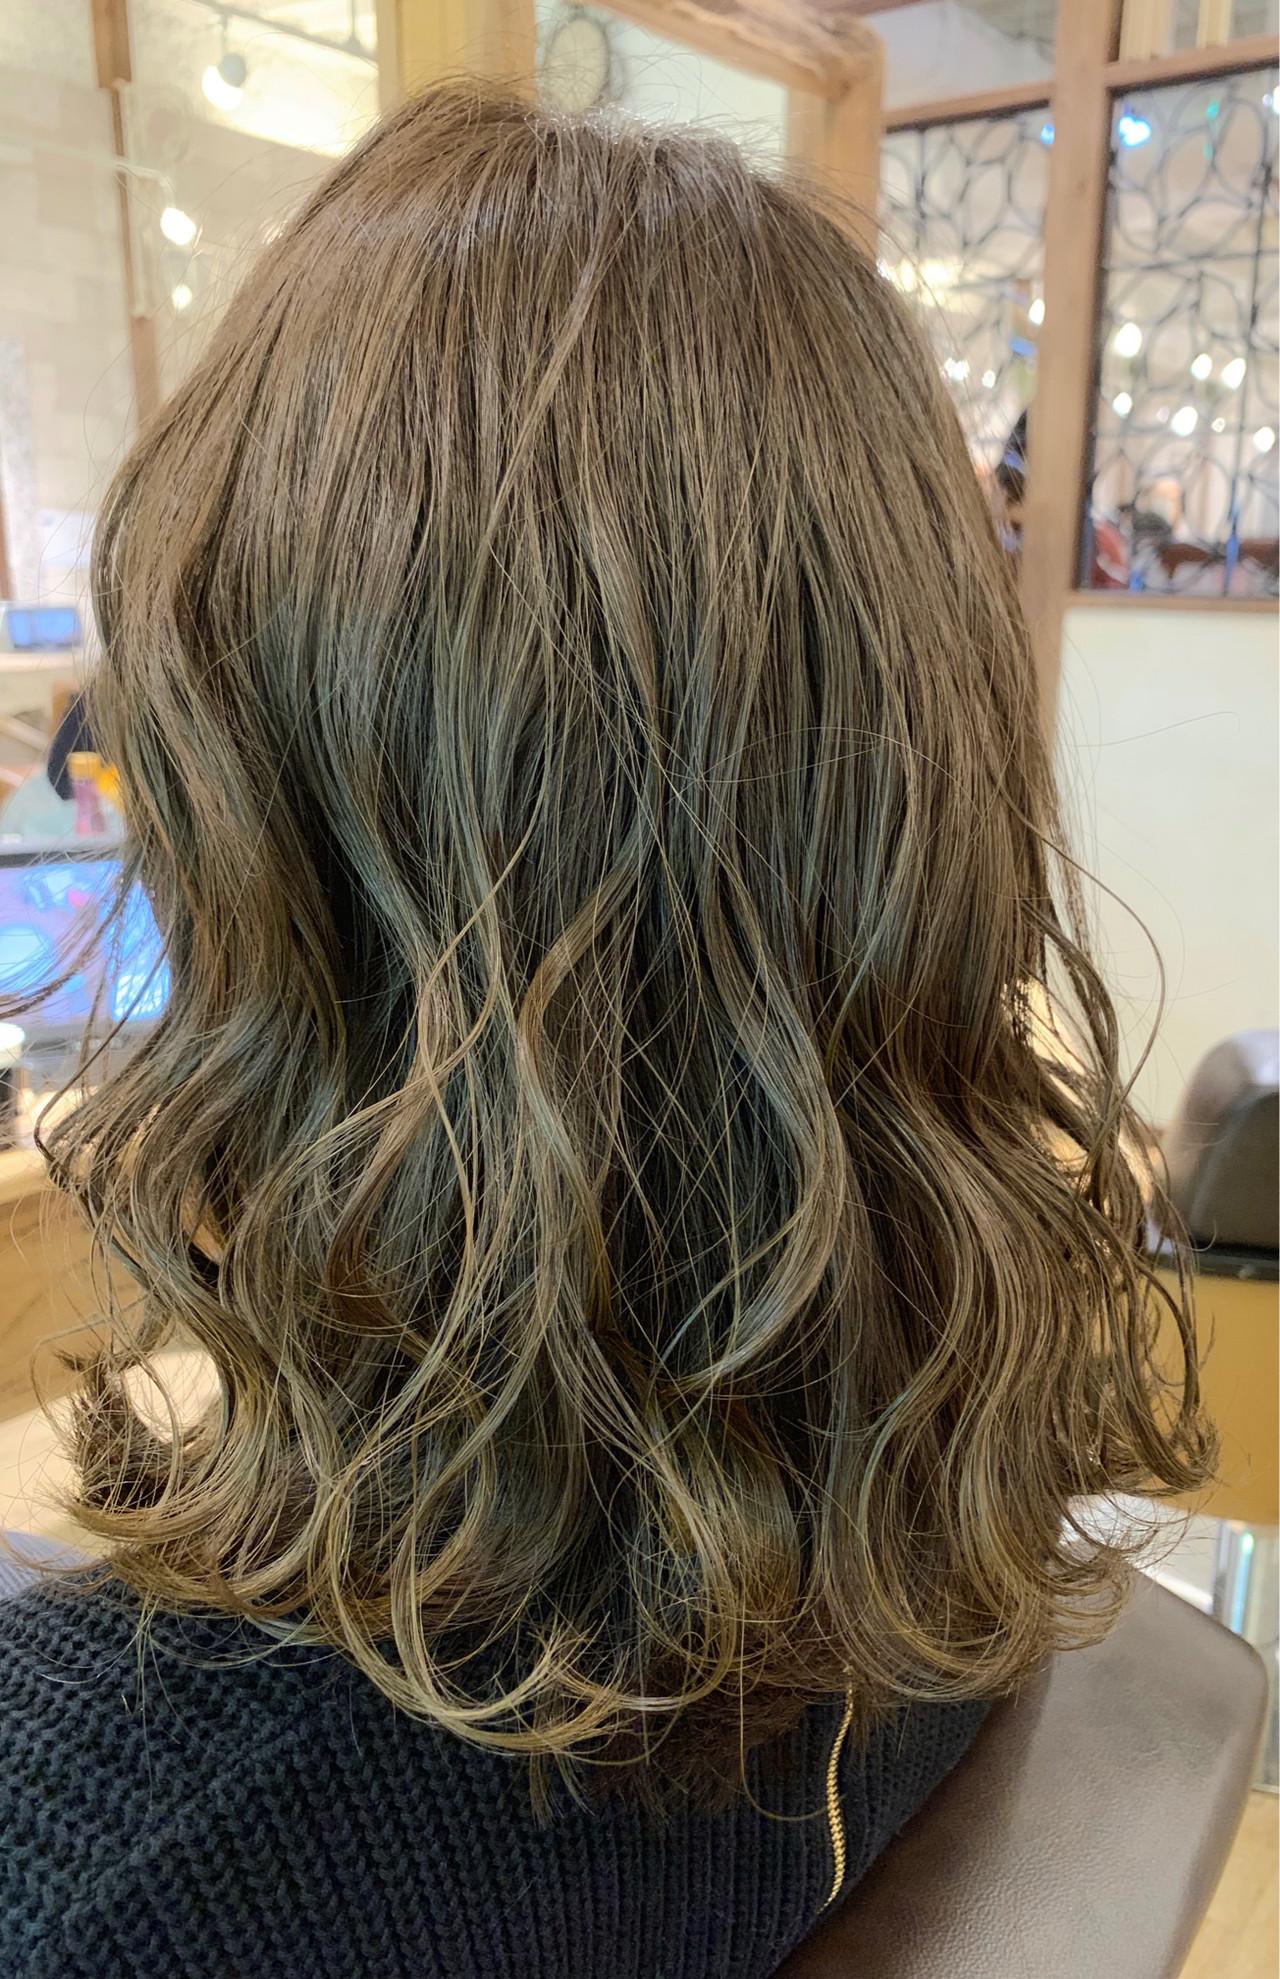 マット セミロング イルミナカラー 透明感 ヘアスタイルや髪型の写真・画像